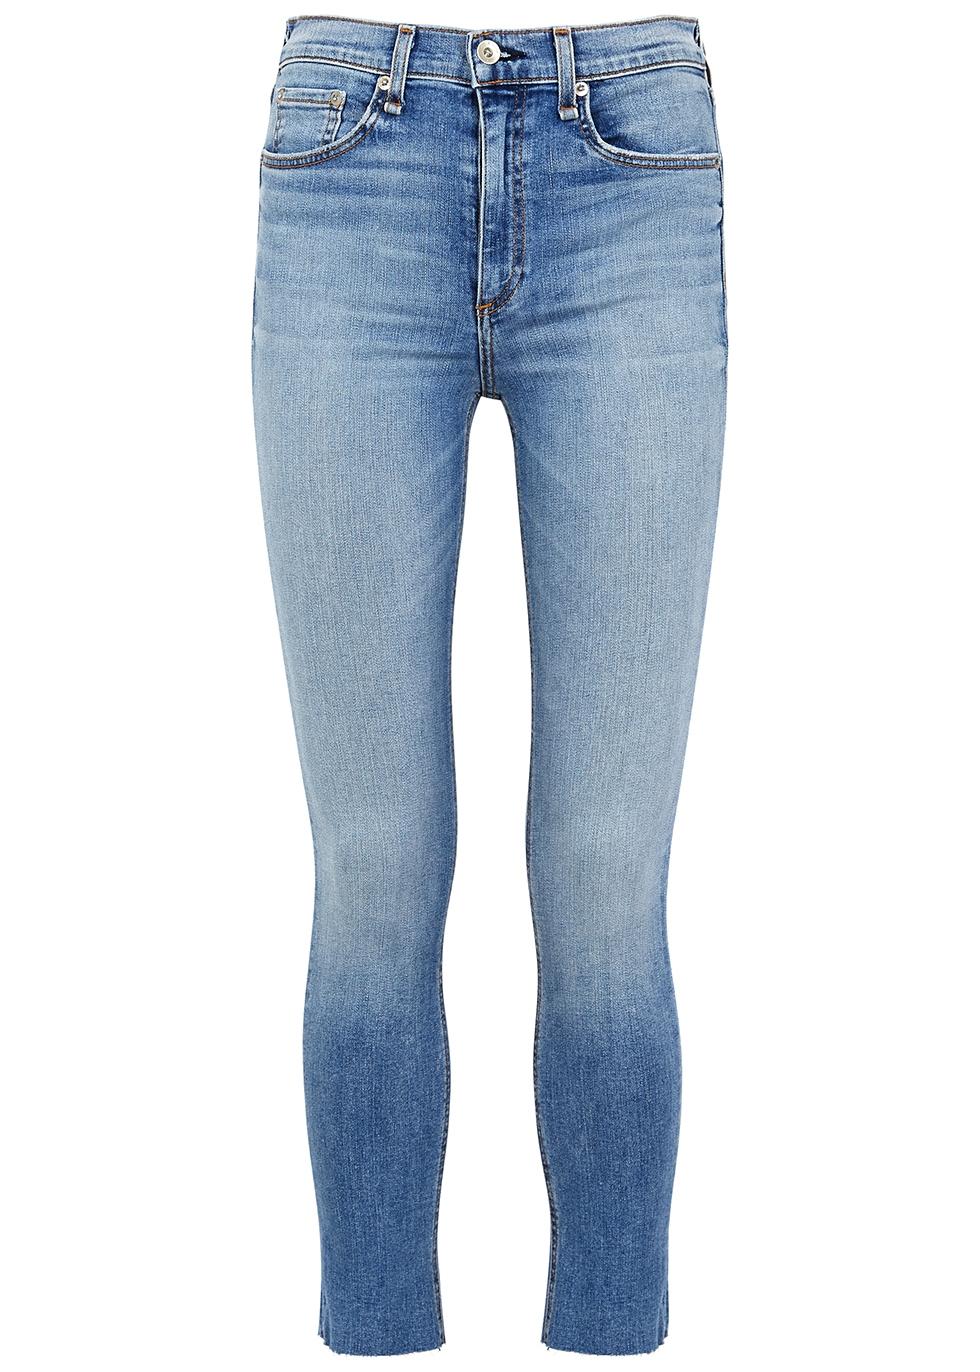 Ellerly light blue skinny jeans